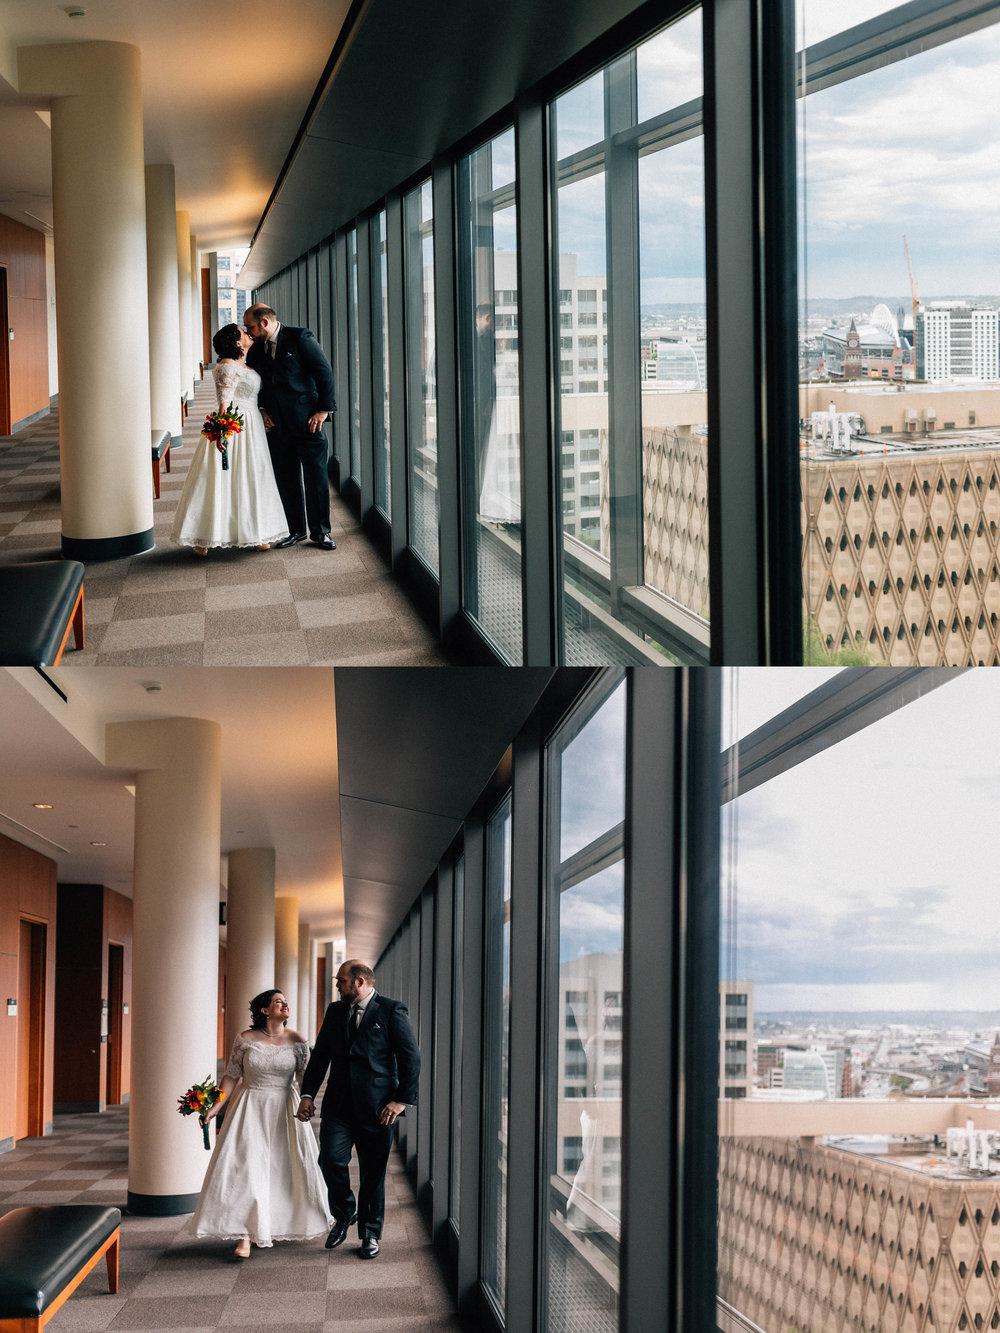 seattle washington courthouse wedding photographer elopement photographer-101.jpg